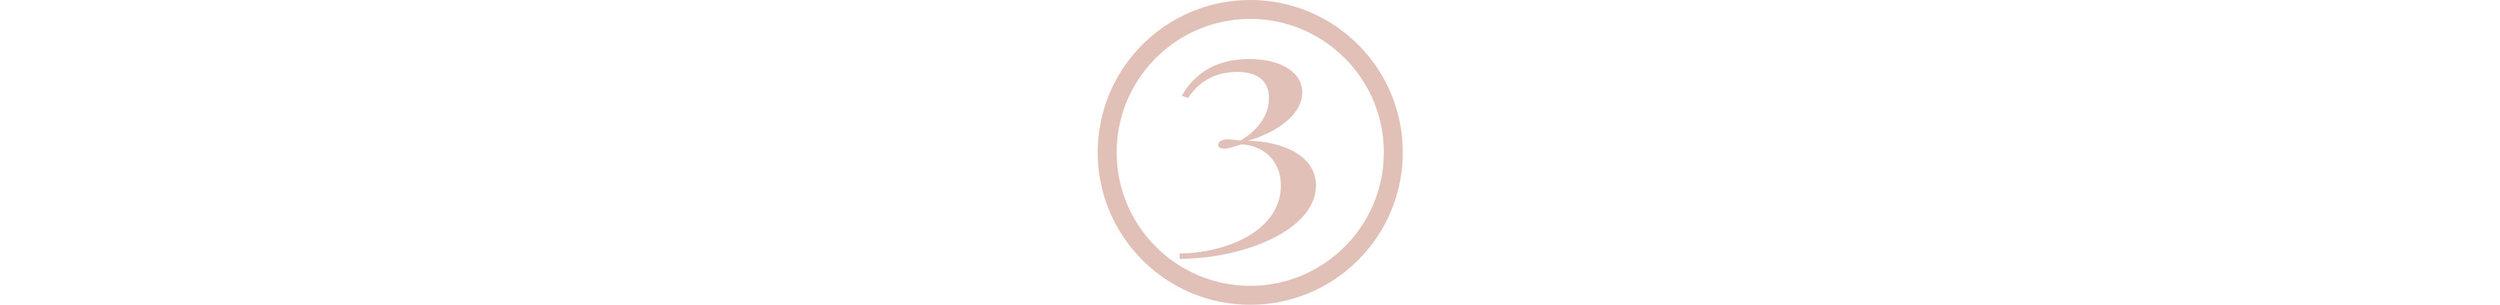 pink blog number 3.jpg